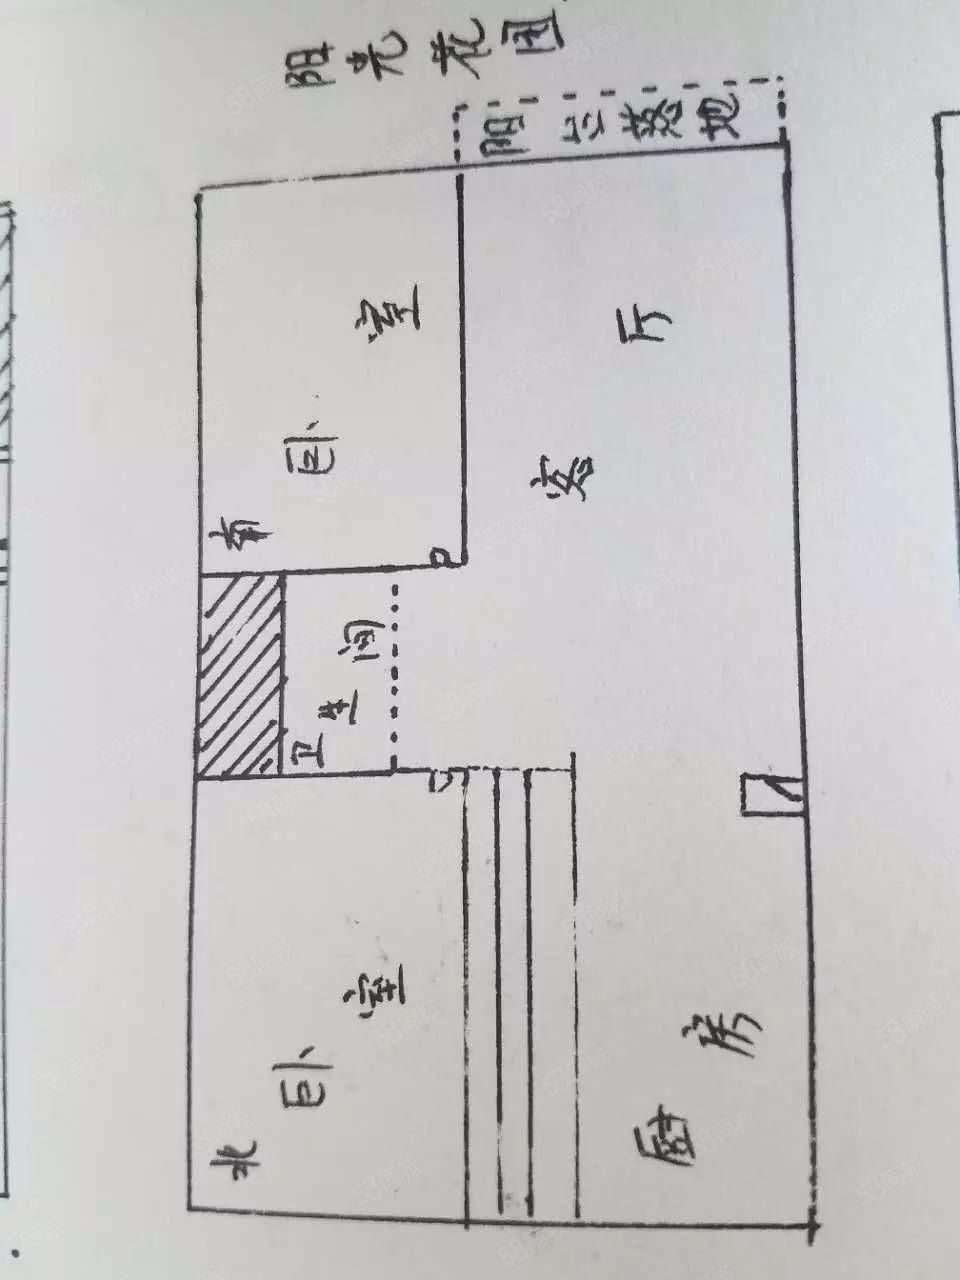 阳光花园小区.4楼.南北通透.南明厅